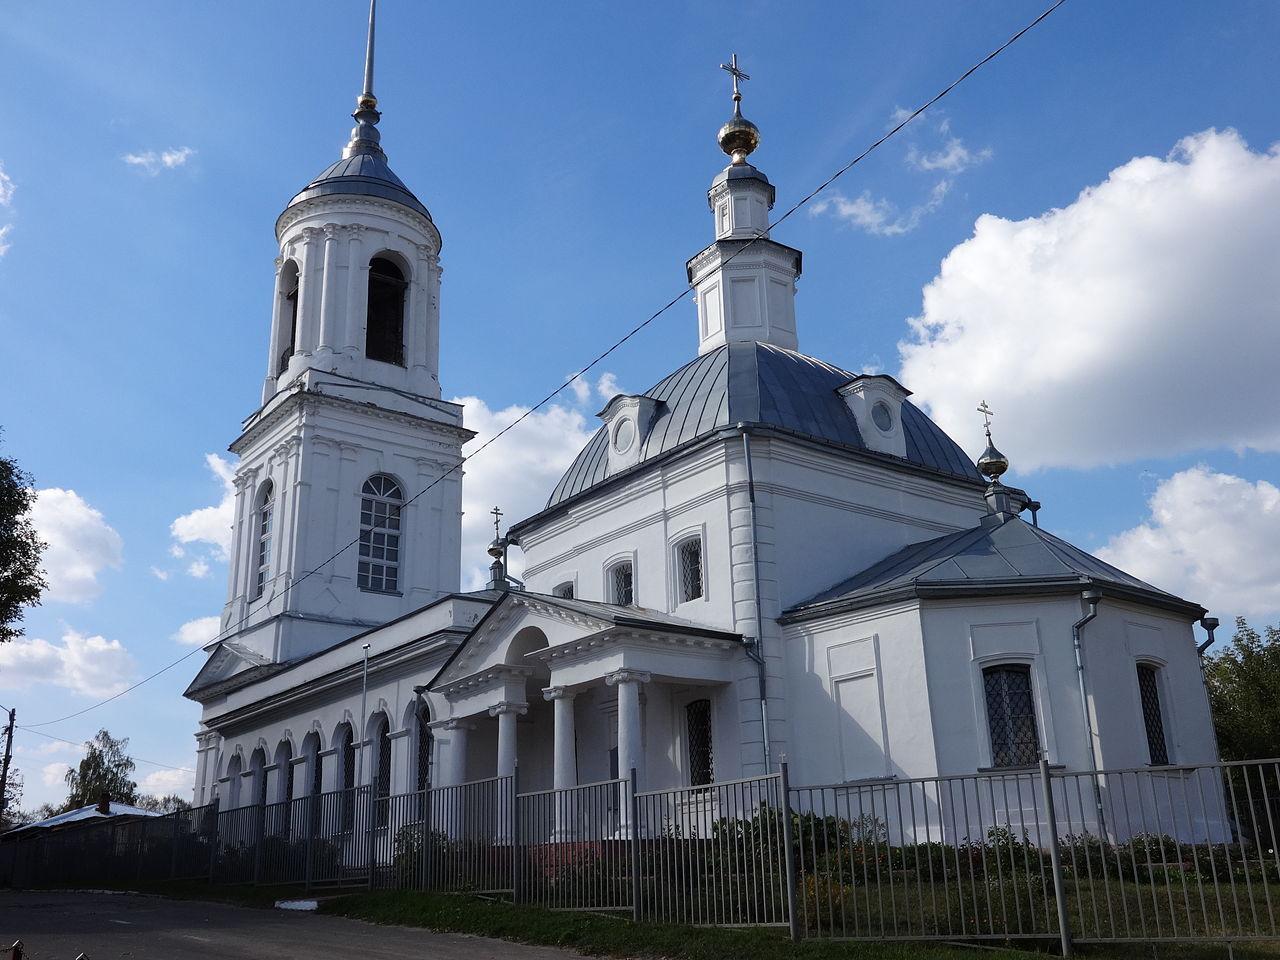 Церковь Смоленской иконы Божьей Матери в Муроме